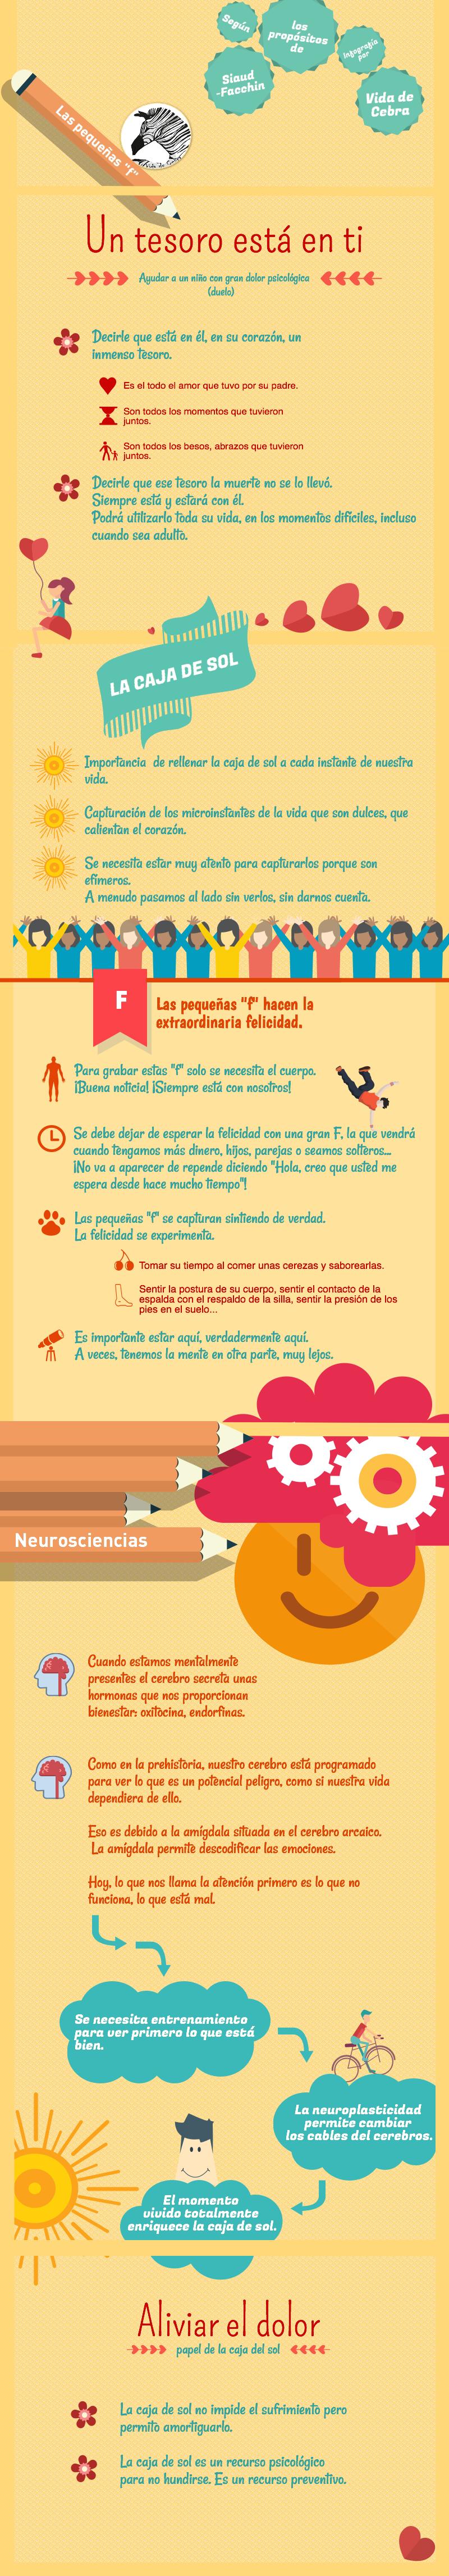 Infografía vida de cebra siaud-facchin felicidad